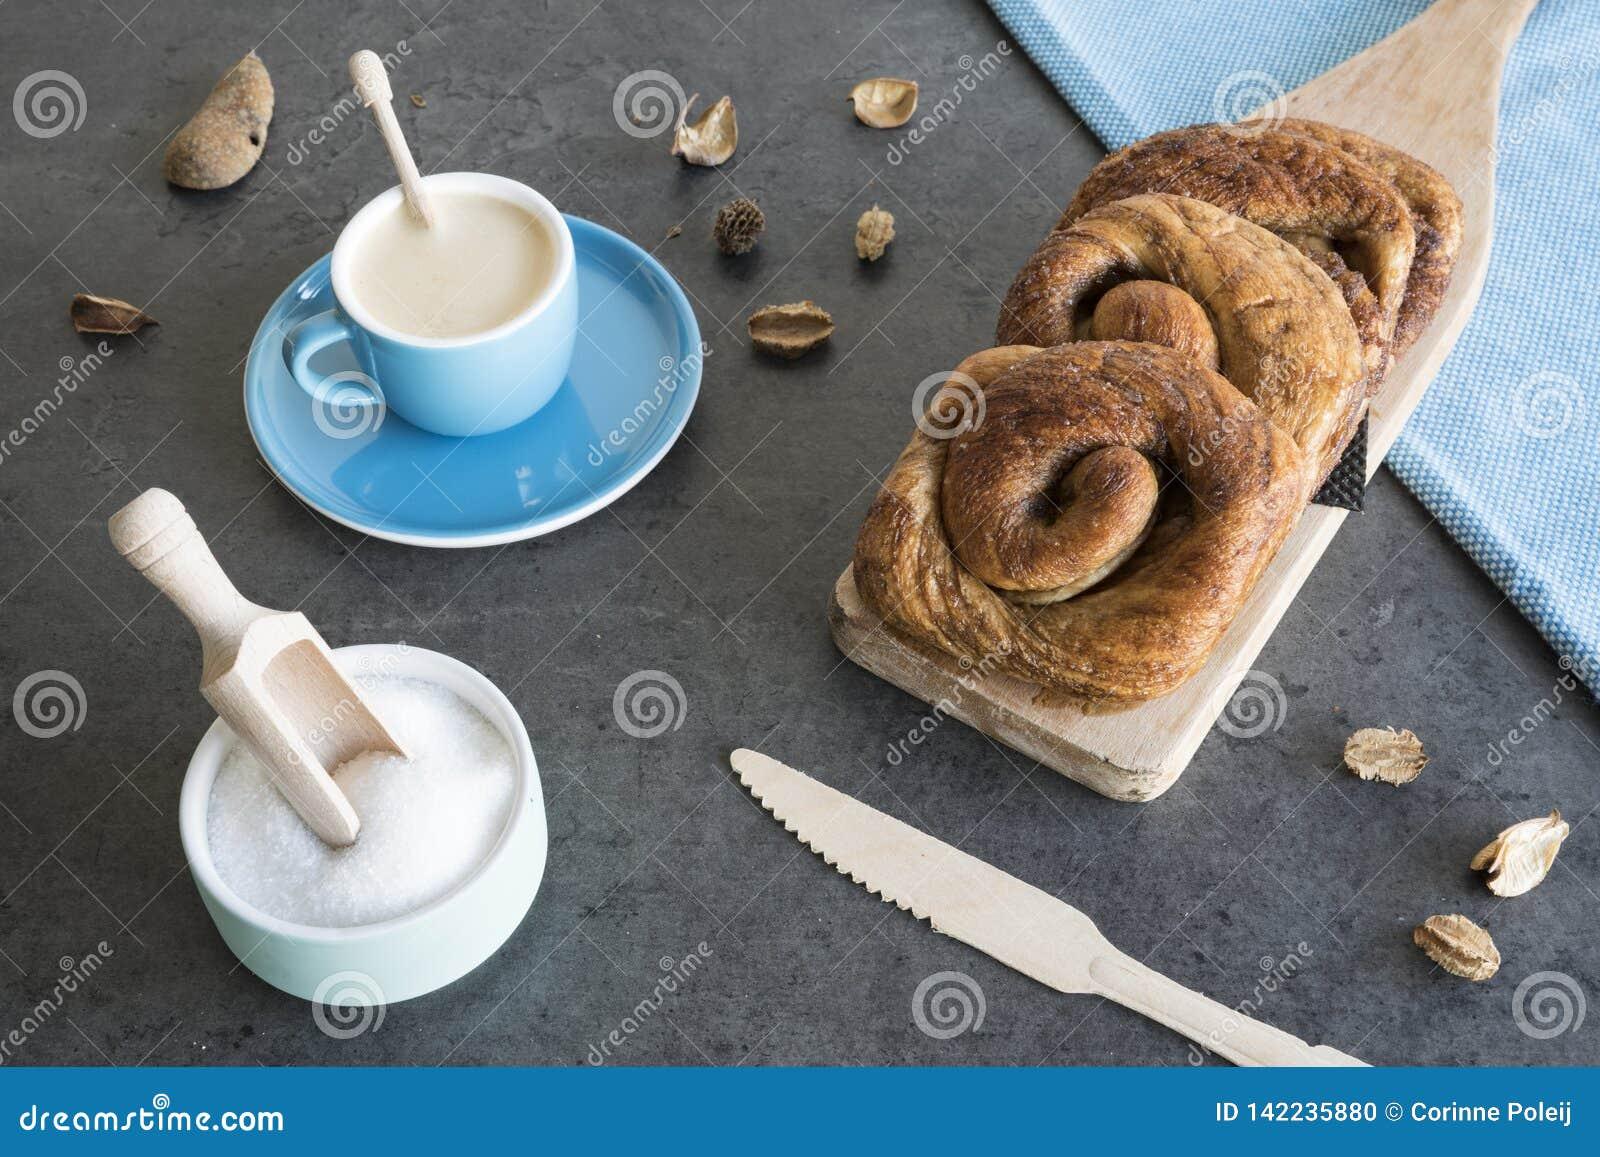 Frühstück mit typischem niederländischem Zimtbrötchen nannte 'des Bolus und Tasse Kaffee